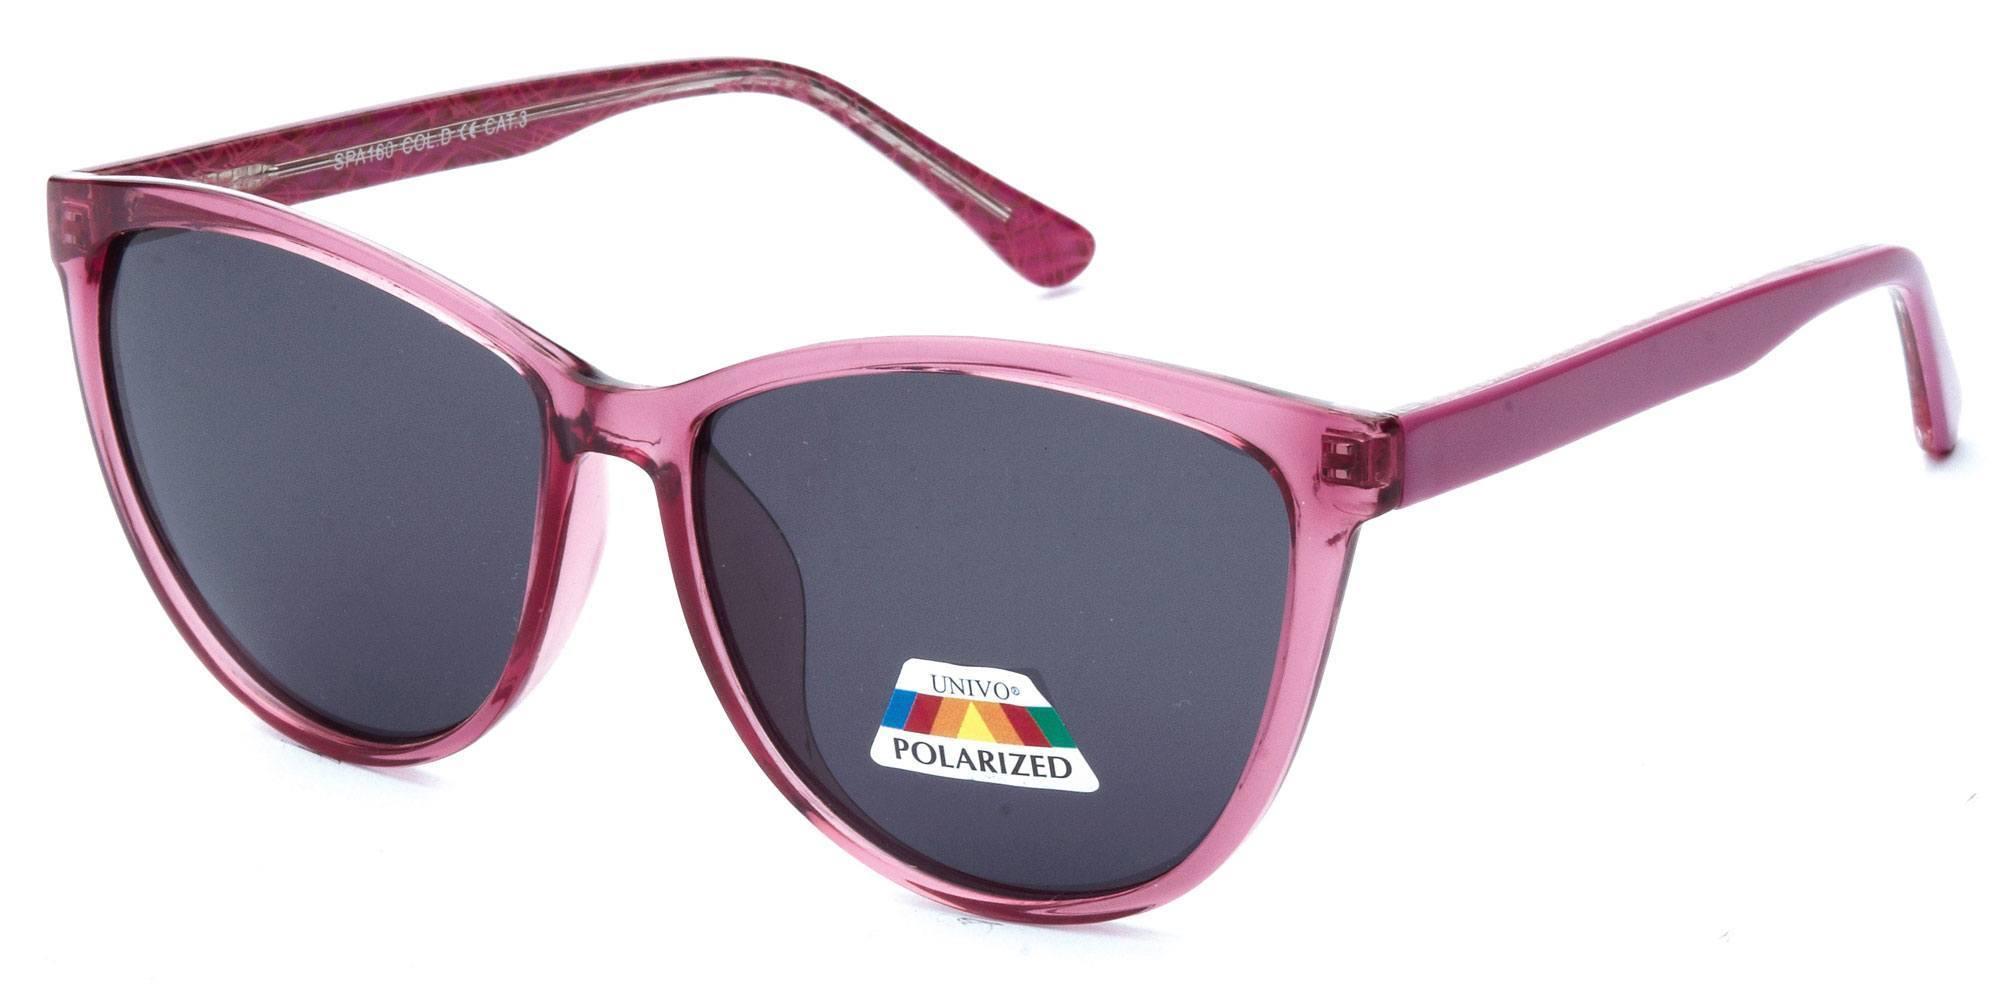 D SPA160 Sunglasses, Univo